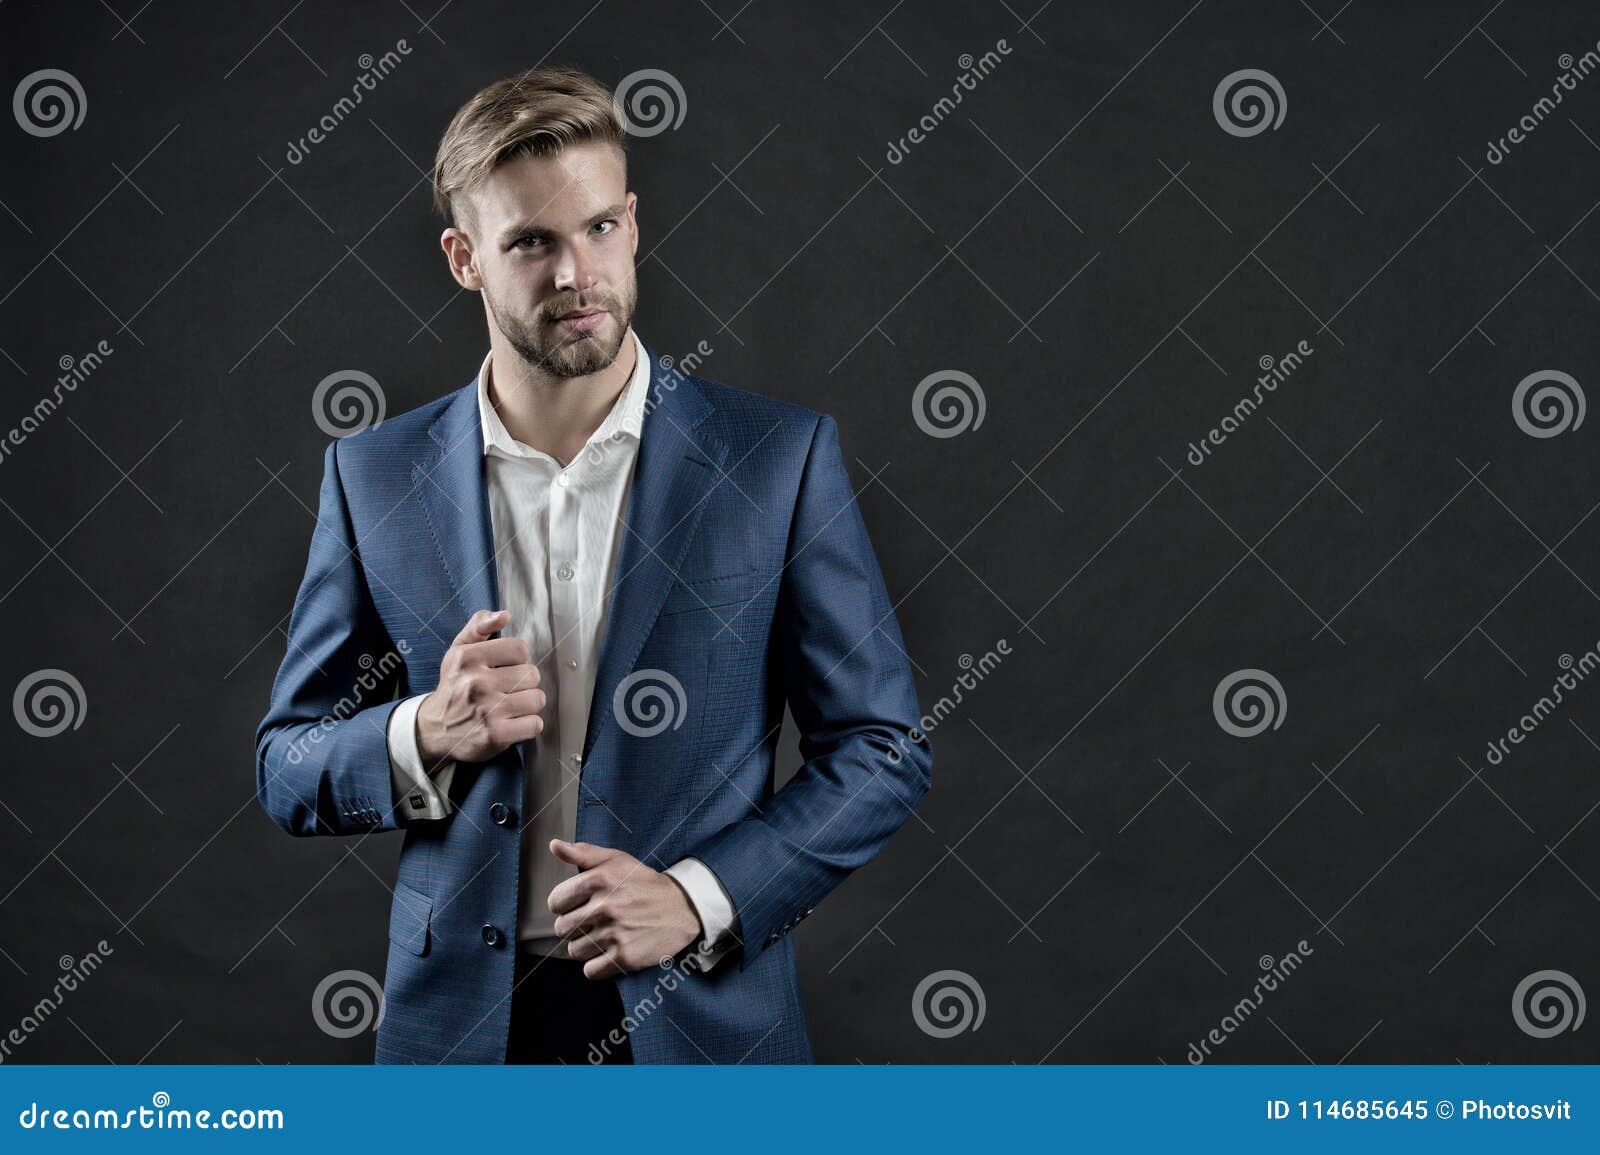 Chef i formell dräkt Man i blåttdräktomslag och skjorta Affärsman med skägget och stilfullt hår Mode, stil och klänningtorsk